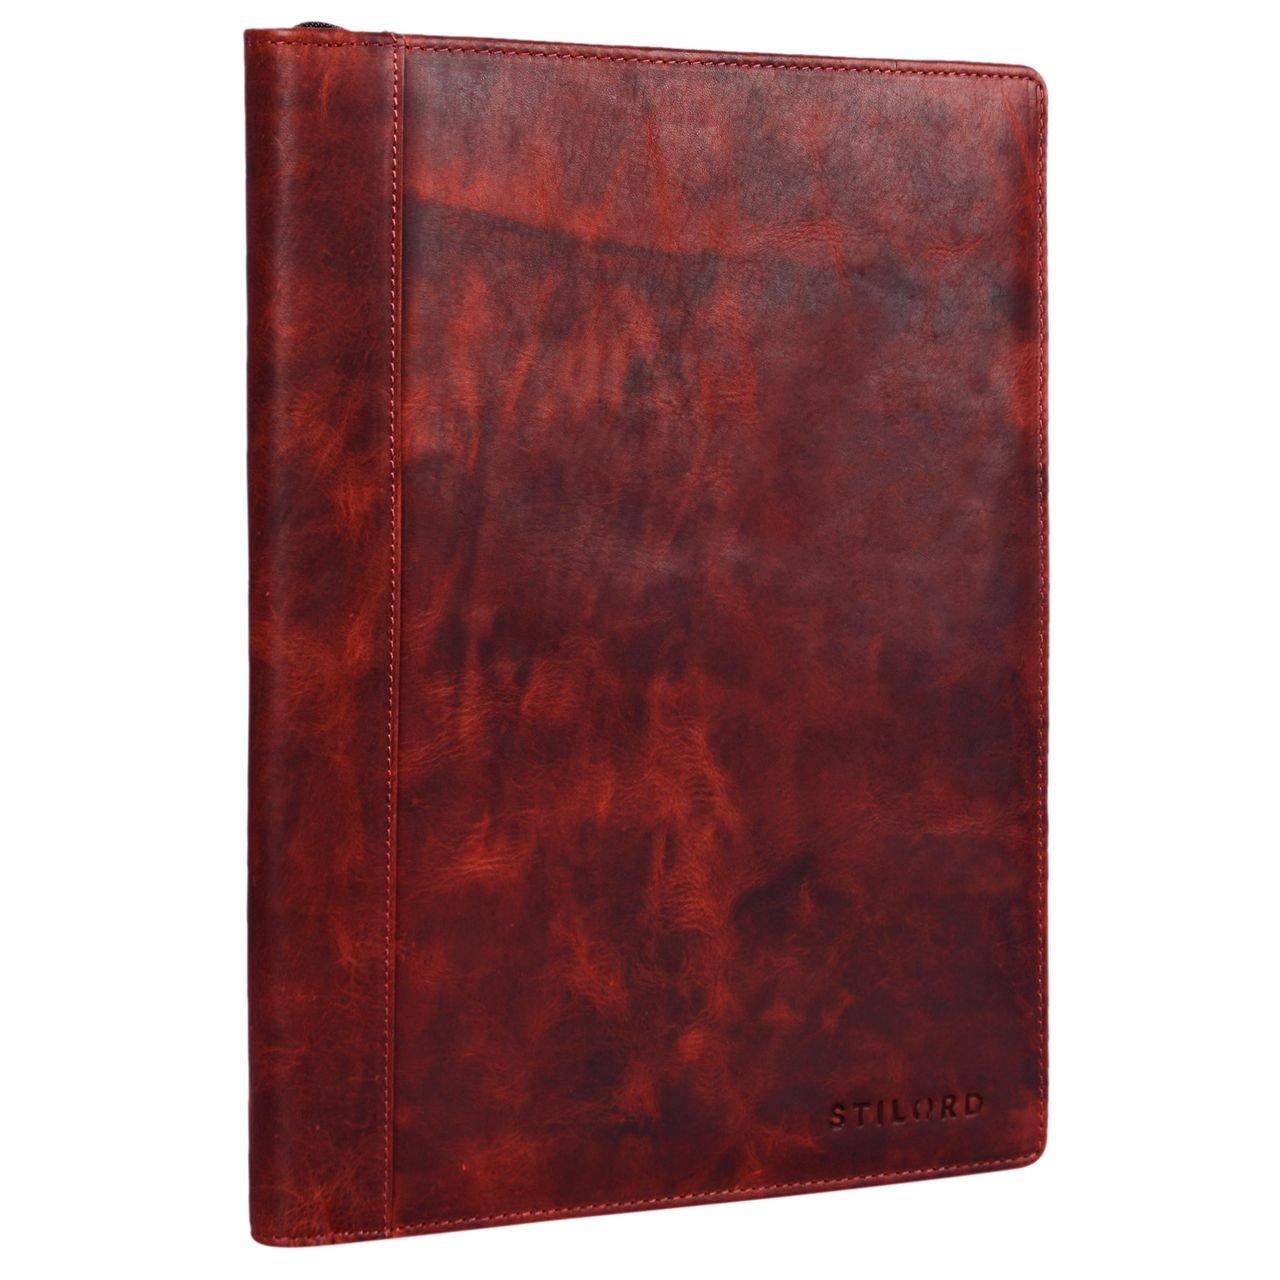 STILORD 'Julius' Vintage Cartella porta Documenti e per Tablet 12 Pollici Organzier rigido Portadocumenti in vera Pelle, Colore:marrone scuro